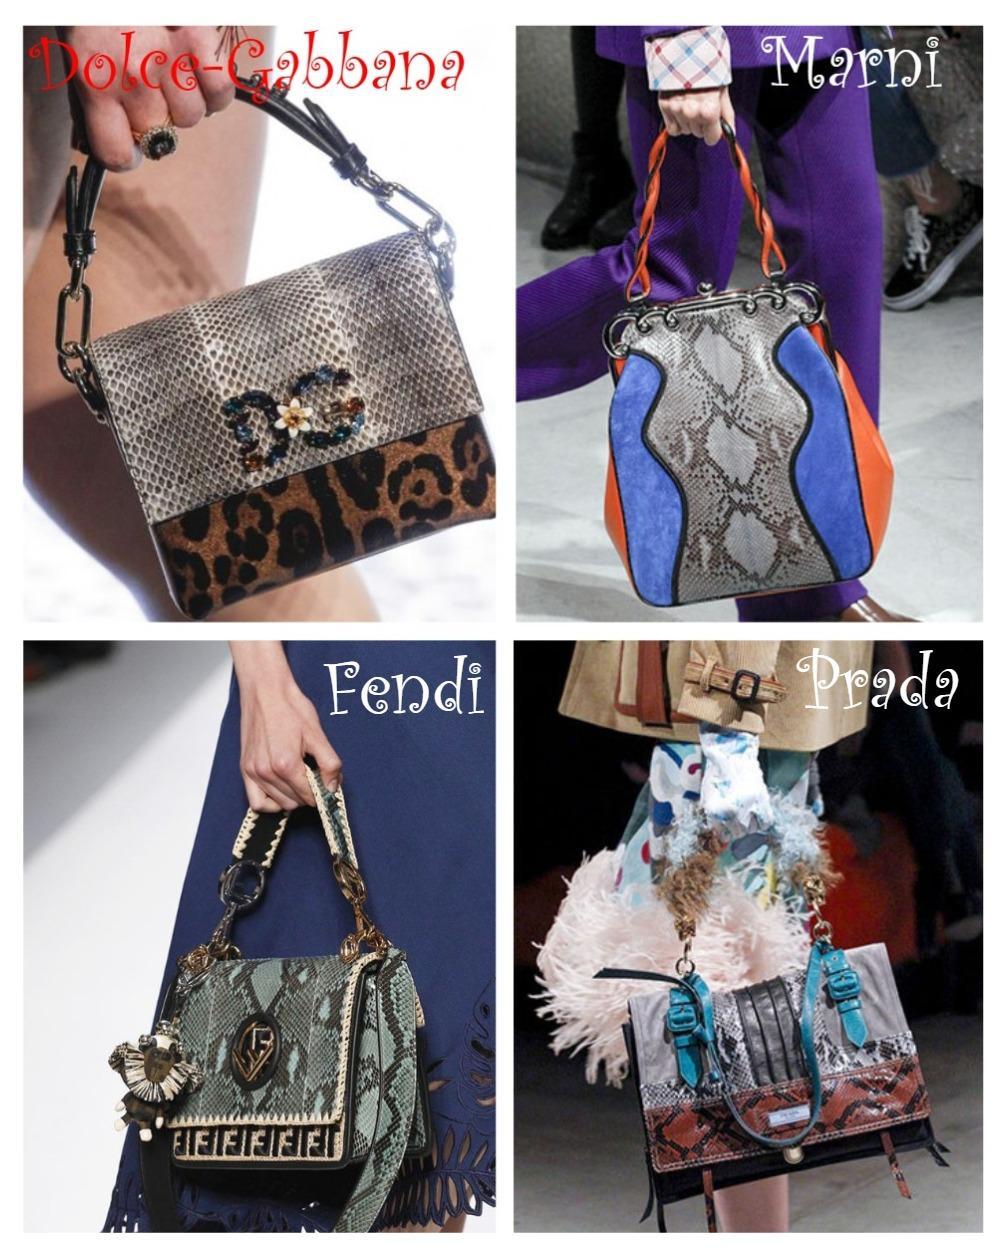 Змеиный принт сумок 2018-2019